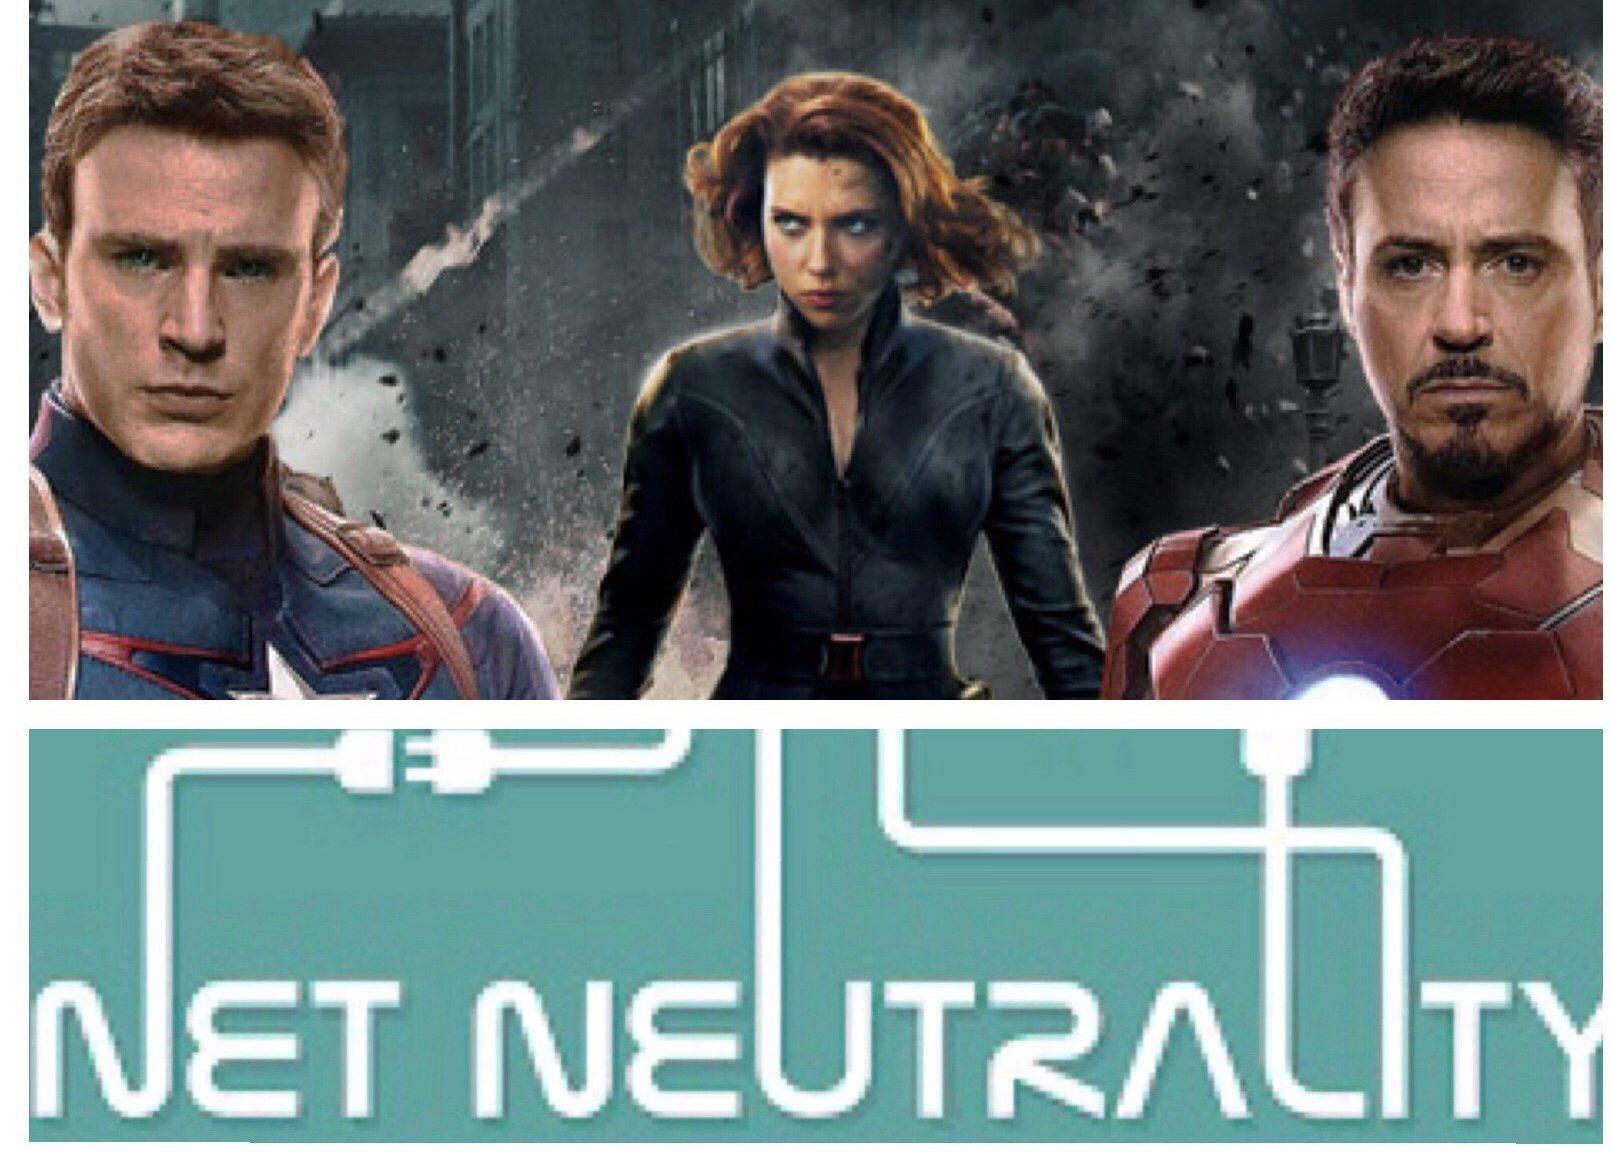 Save Net Neutrality: Be an Avenger